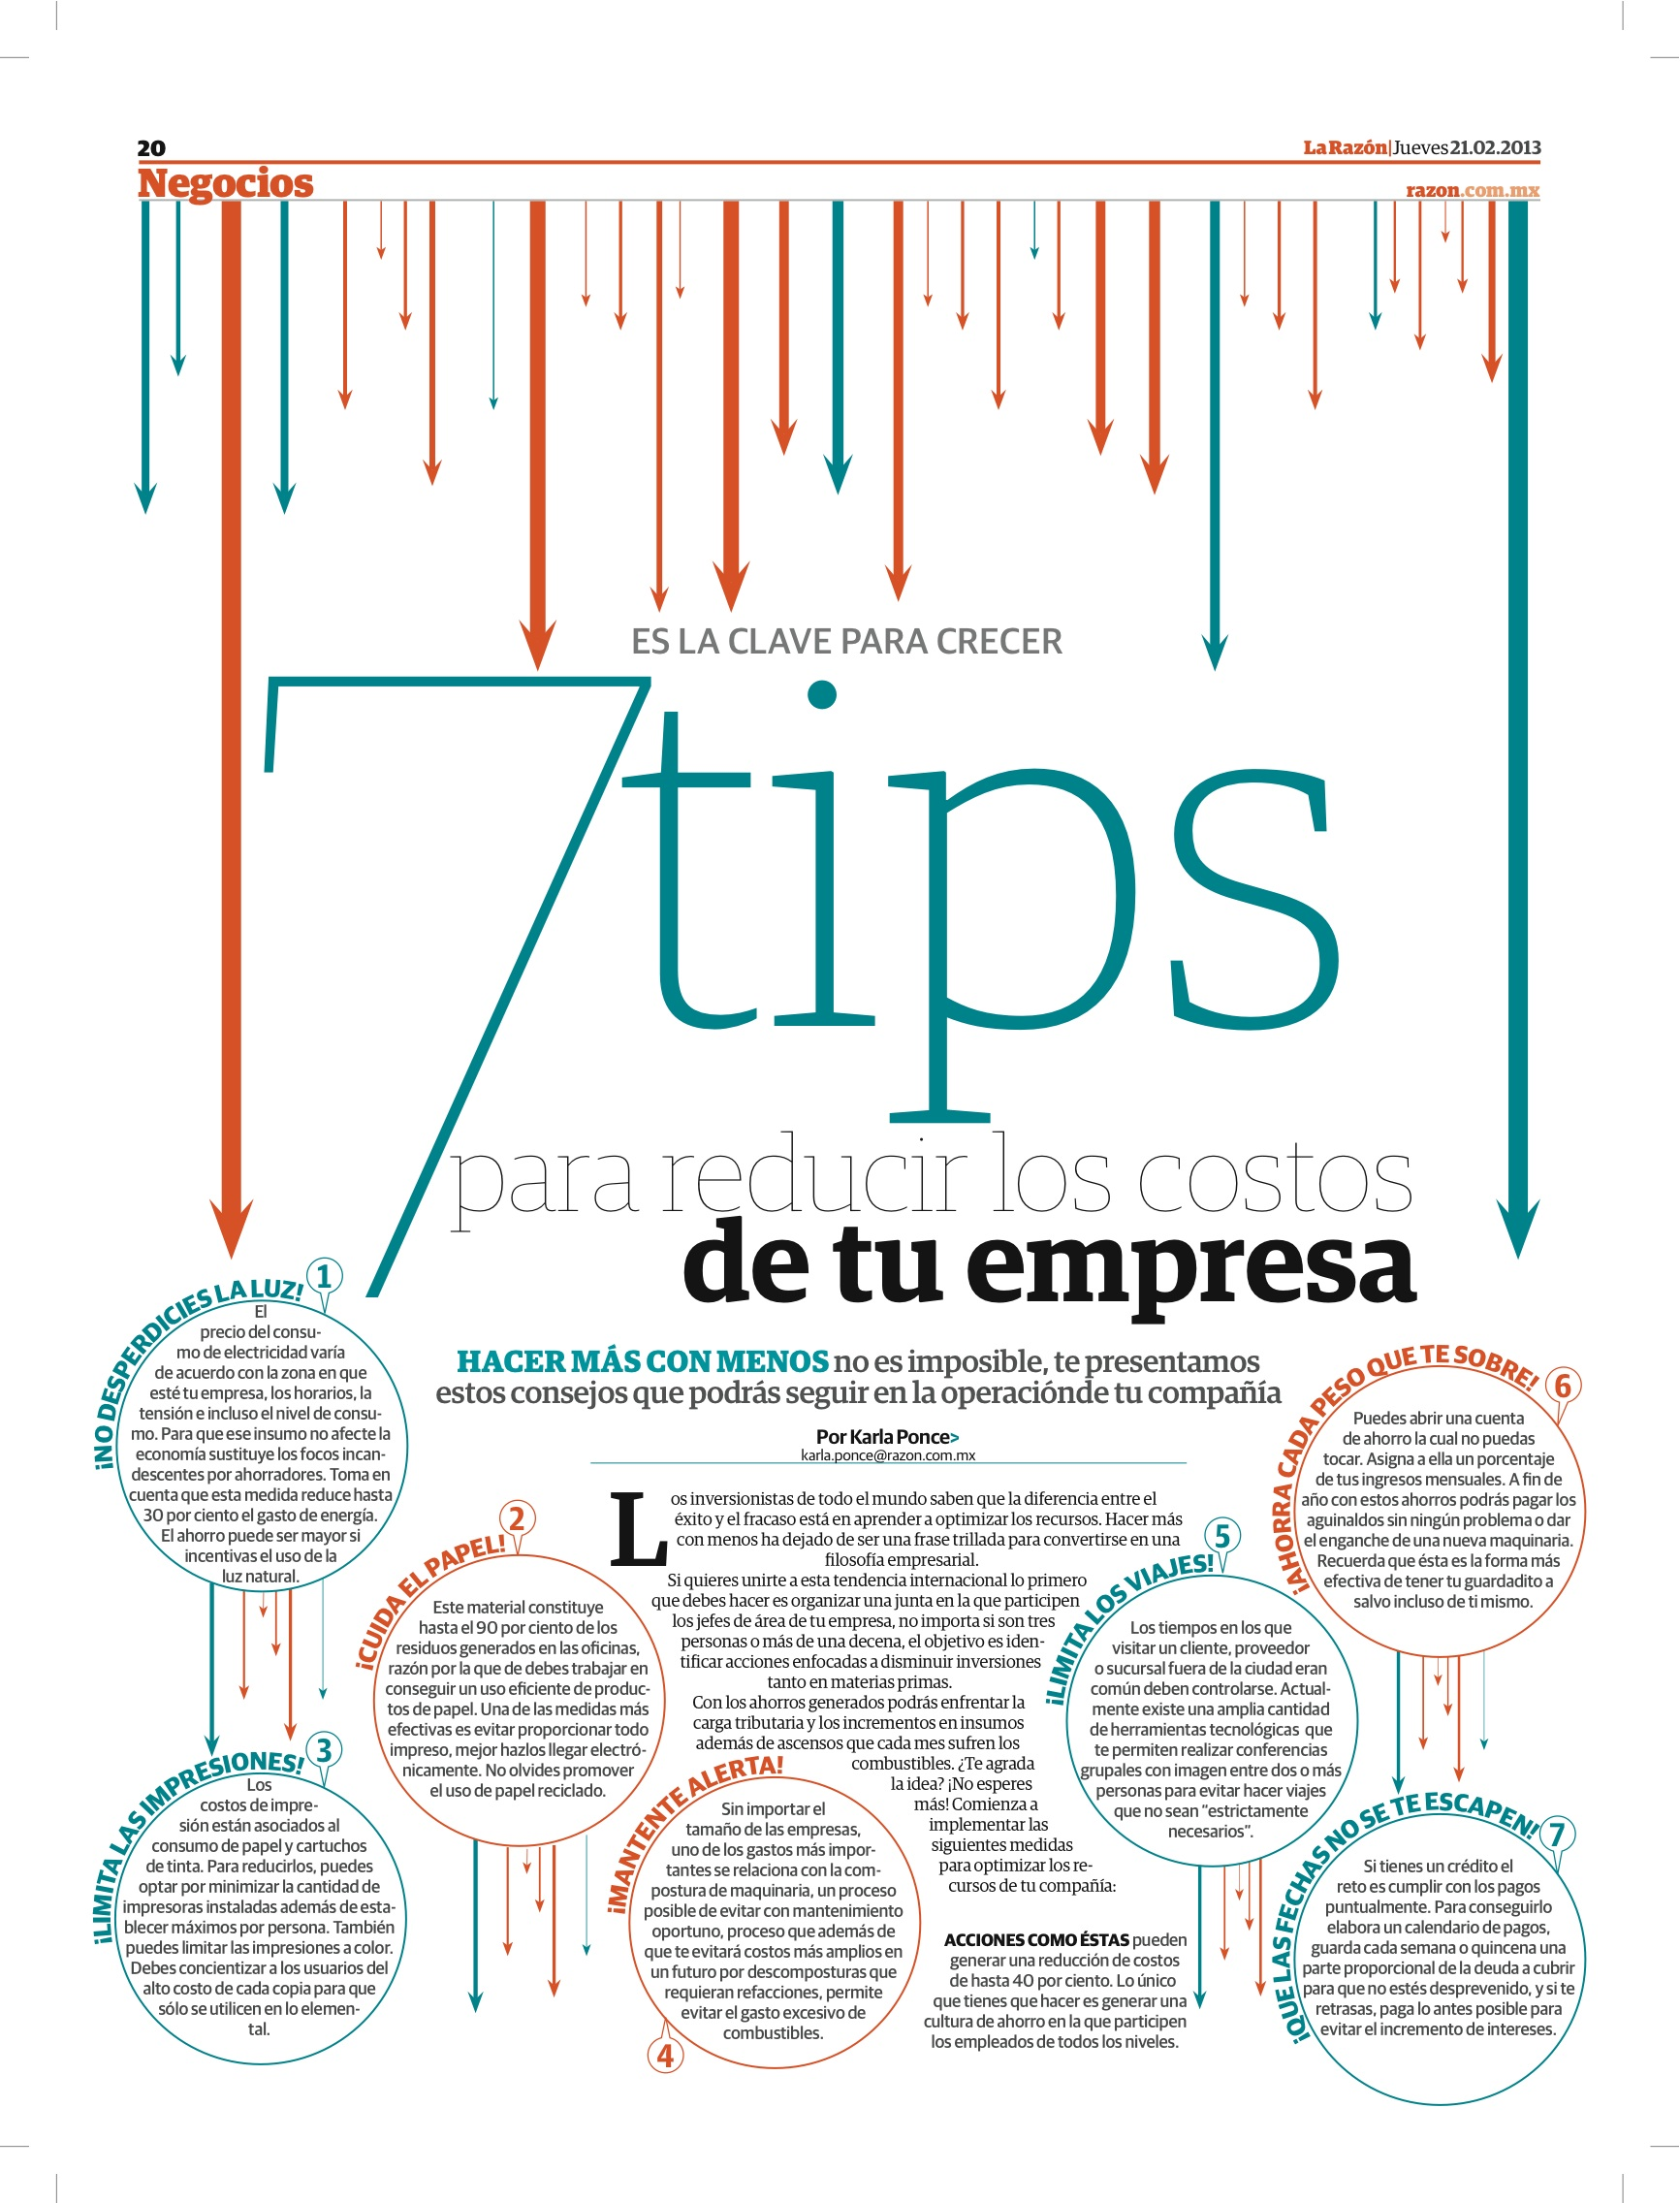 7 tips para reducir costos